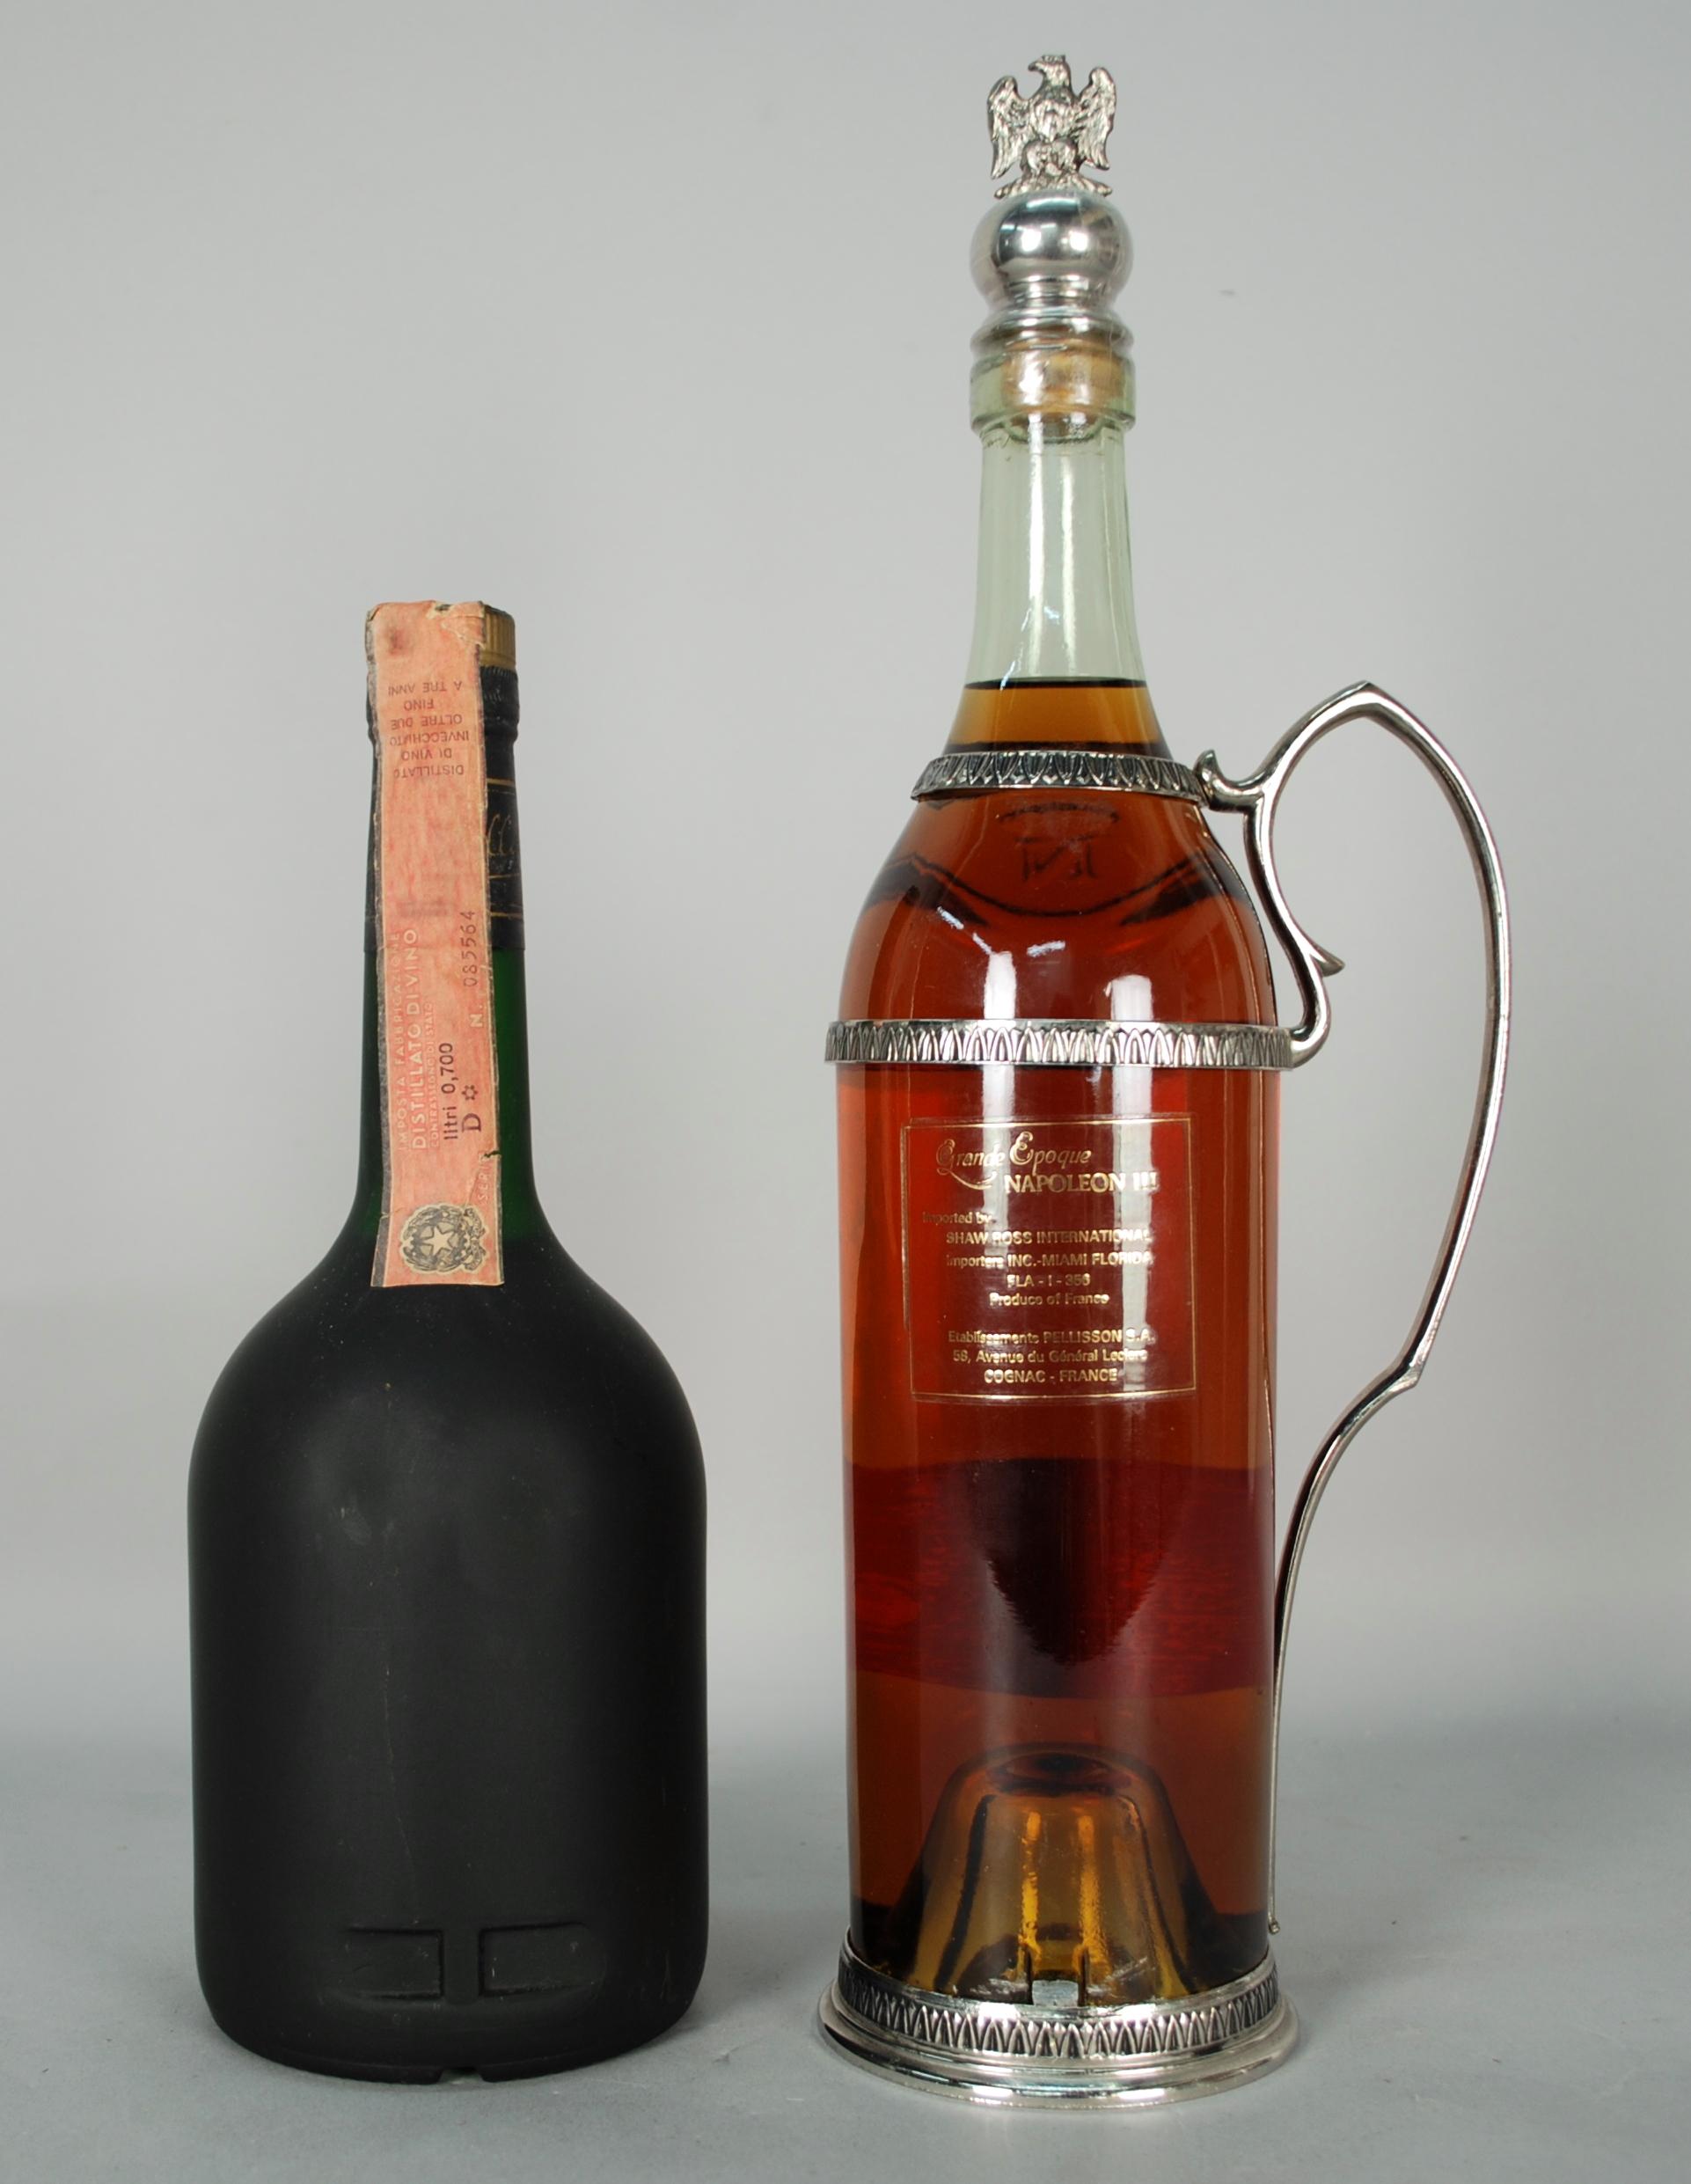 Lot 56 - Due Cognac PELLISSON: - Cognac CORDON D'OR. Bottiglia anni '70-'80. Fascetta cartacea di Stato.